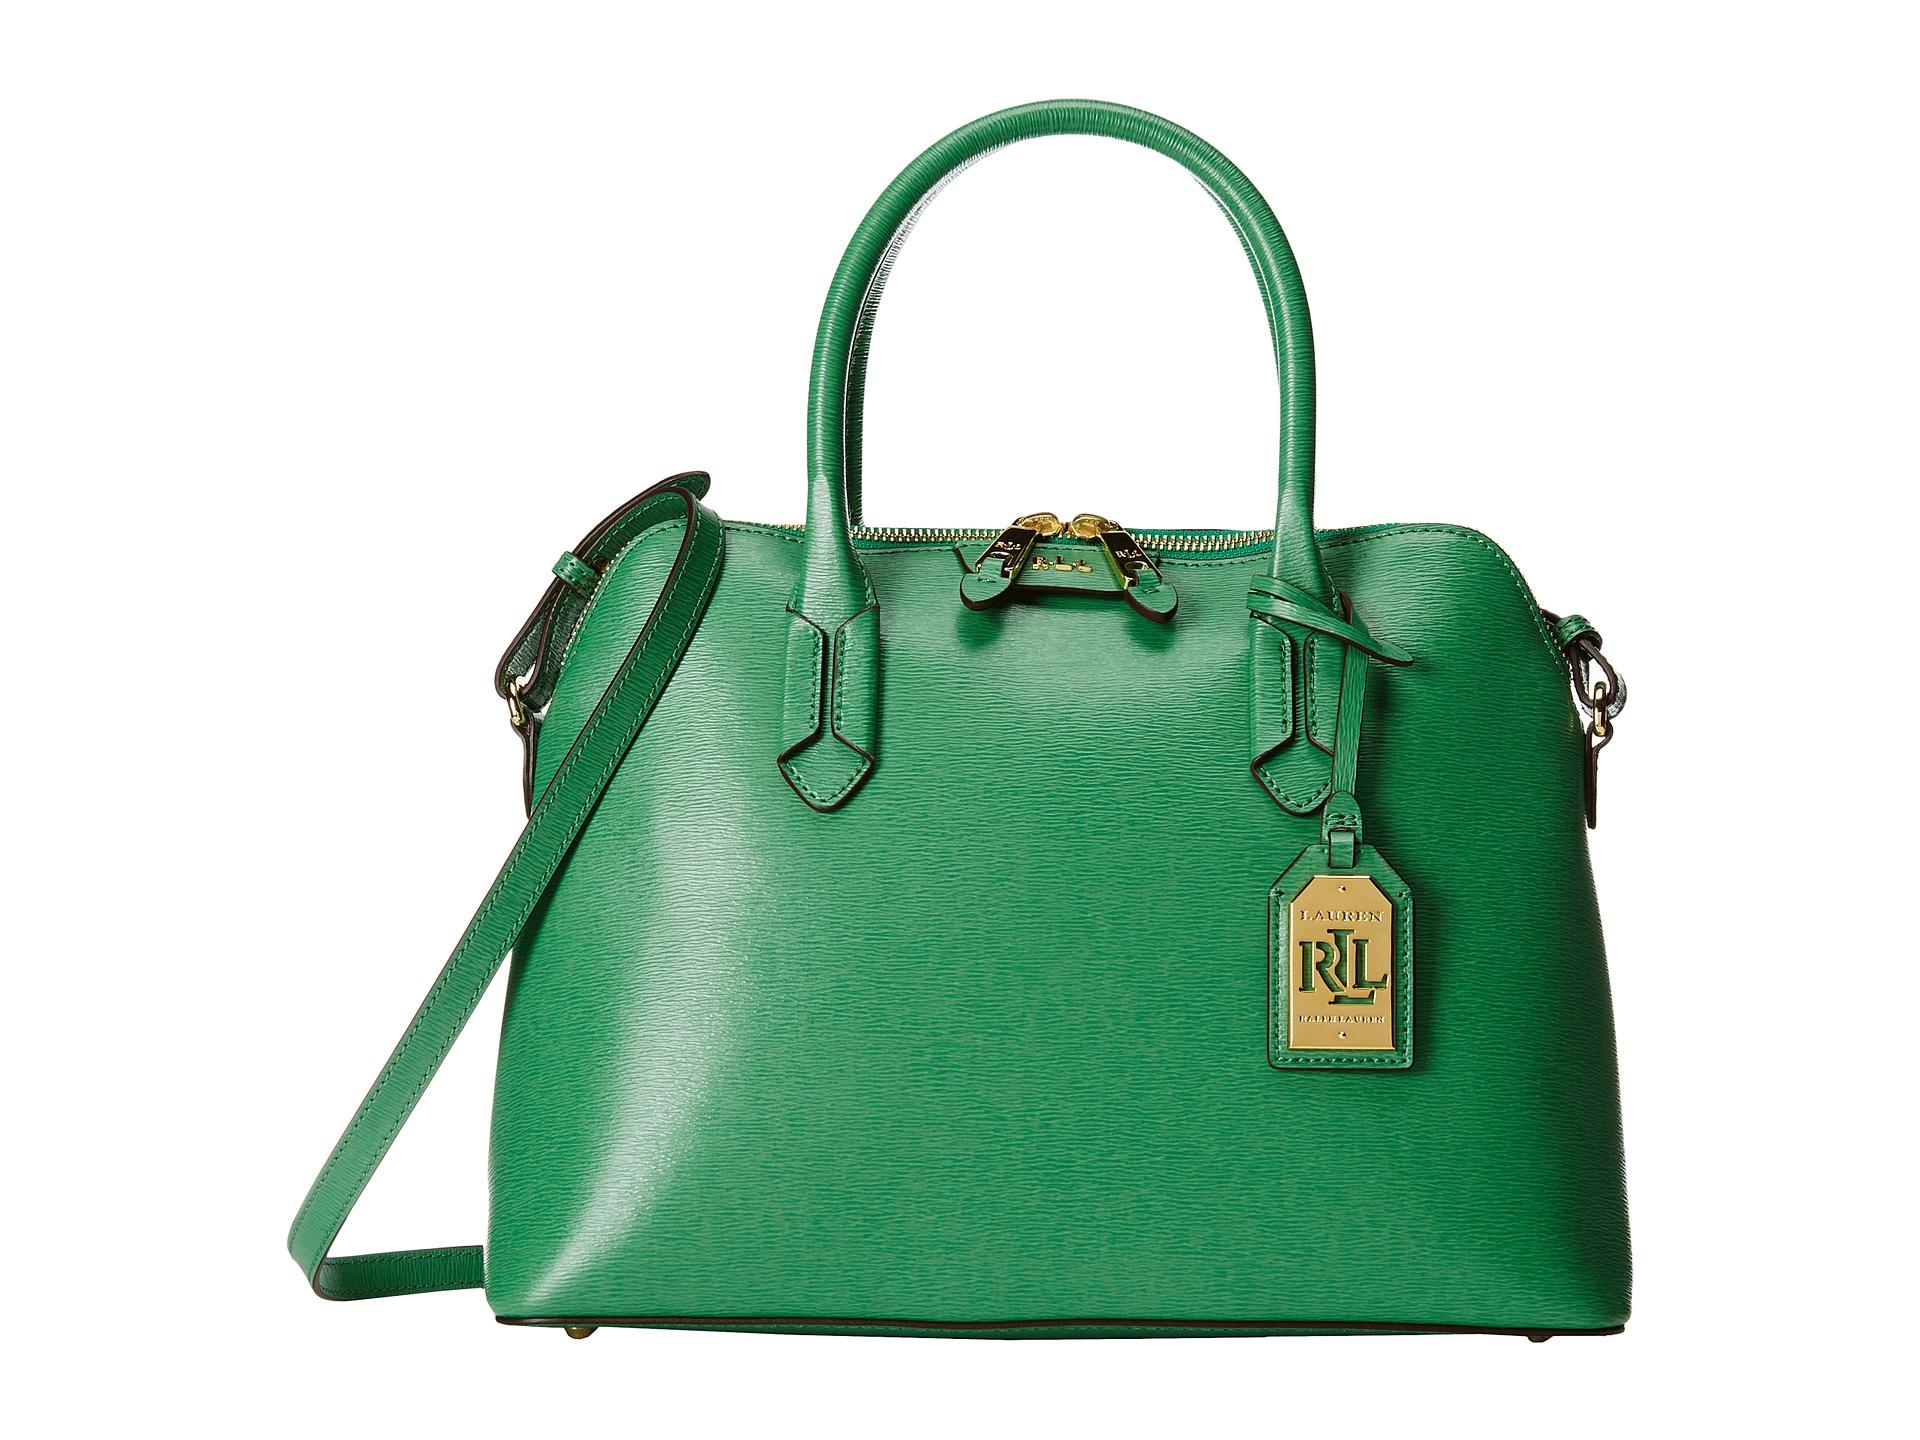 Ralph Lauren Tate Dome Satchel Laukku : Lauren by ralph tate dome satchel in green fern